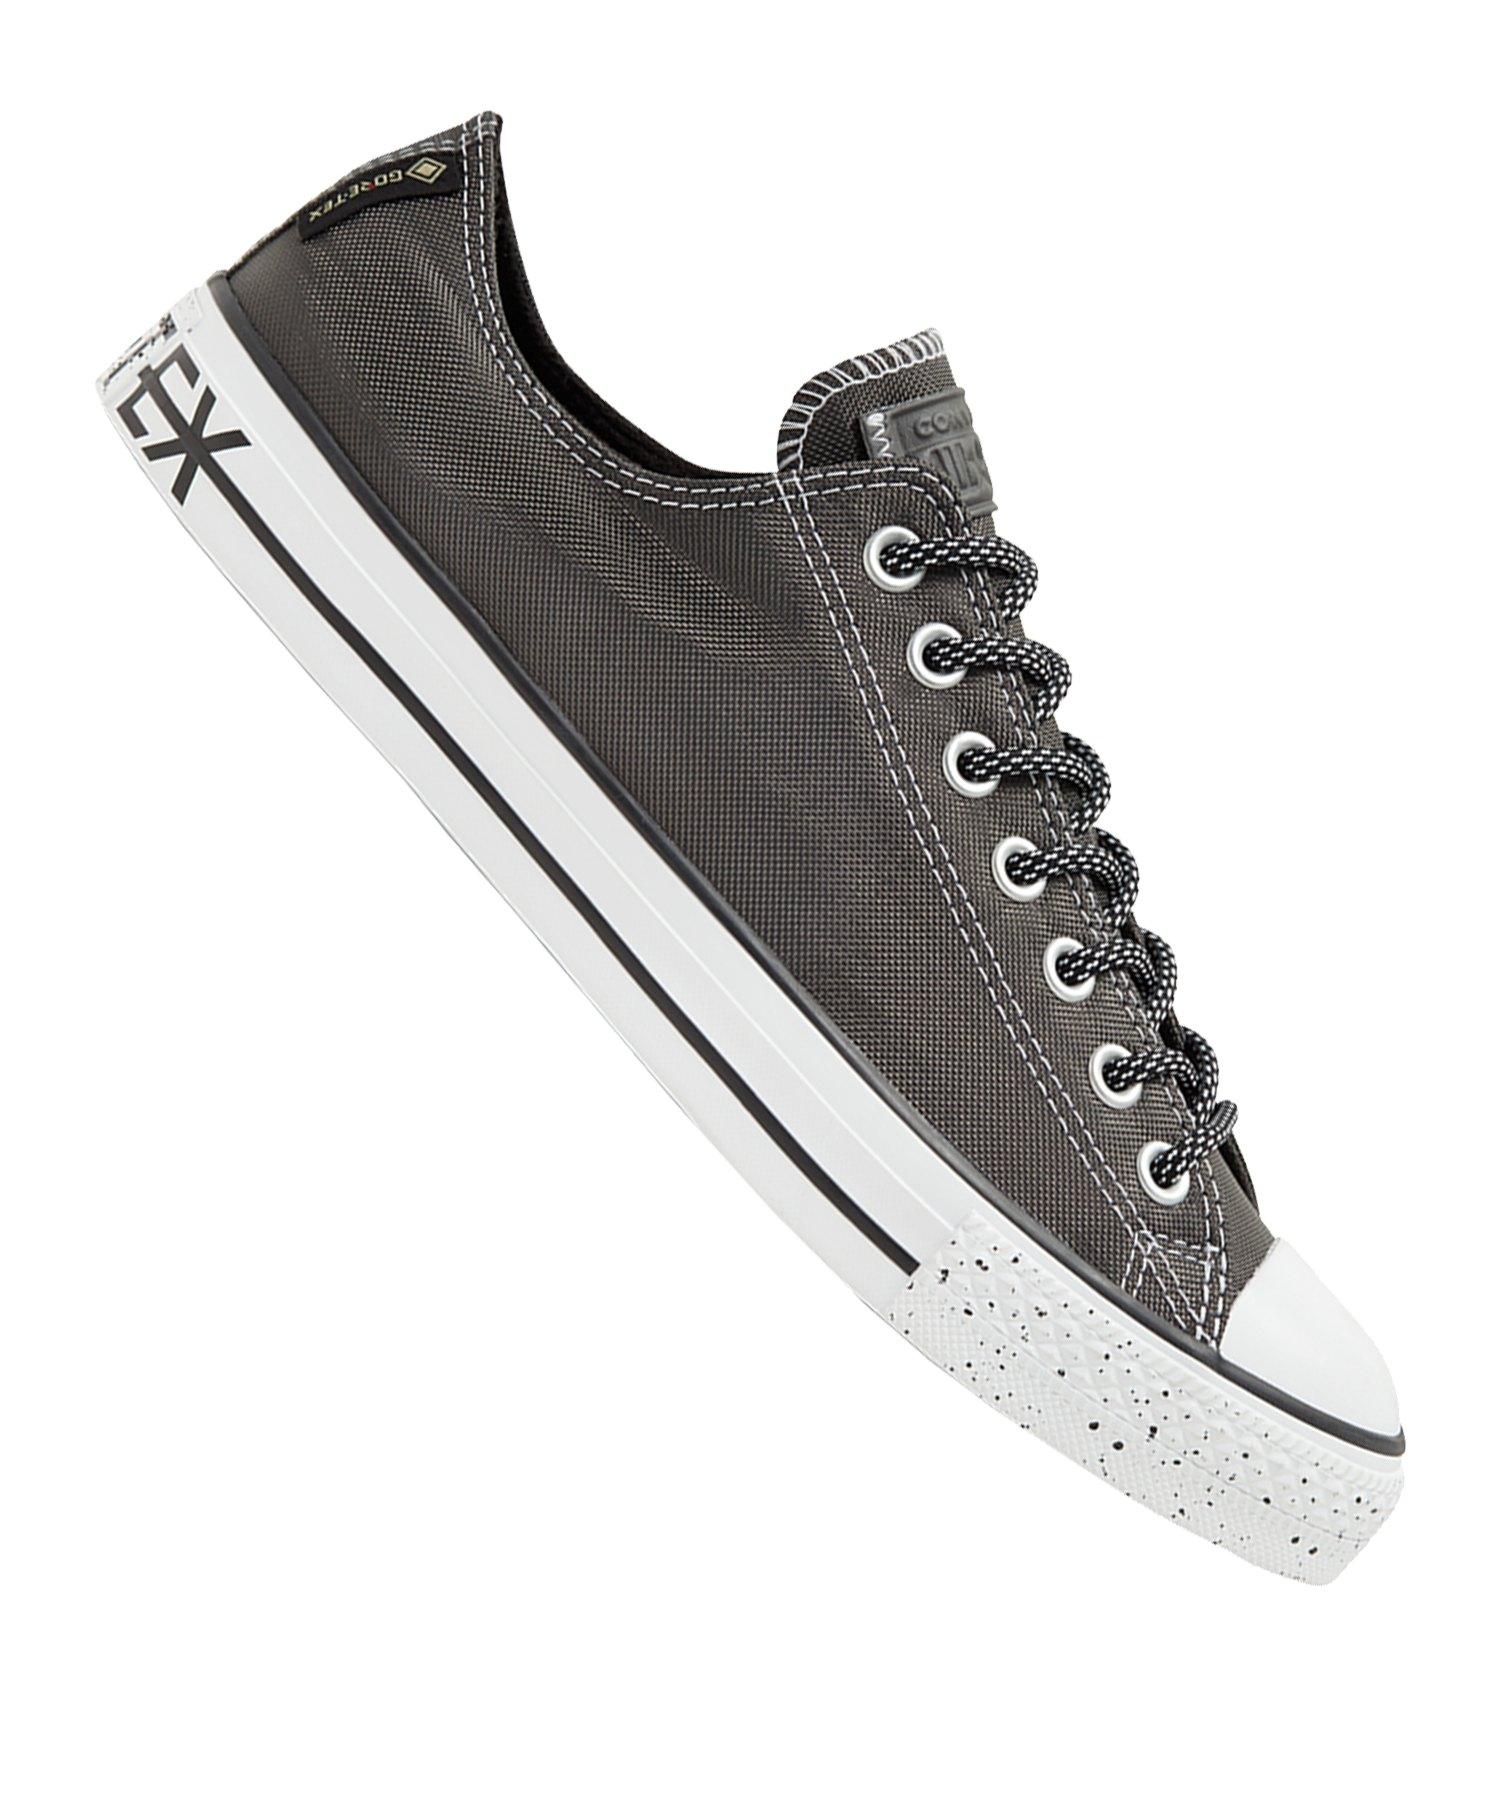 Converse Chuck Taylor All Star OX Sneaker Grau - grau